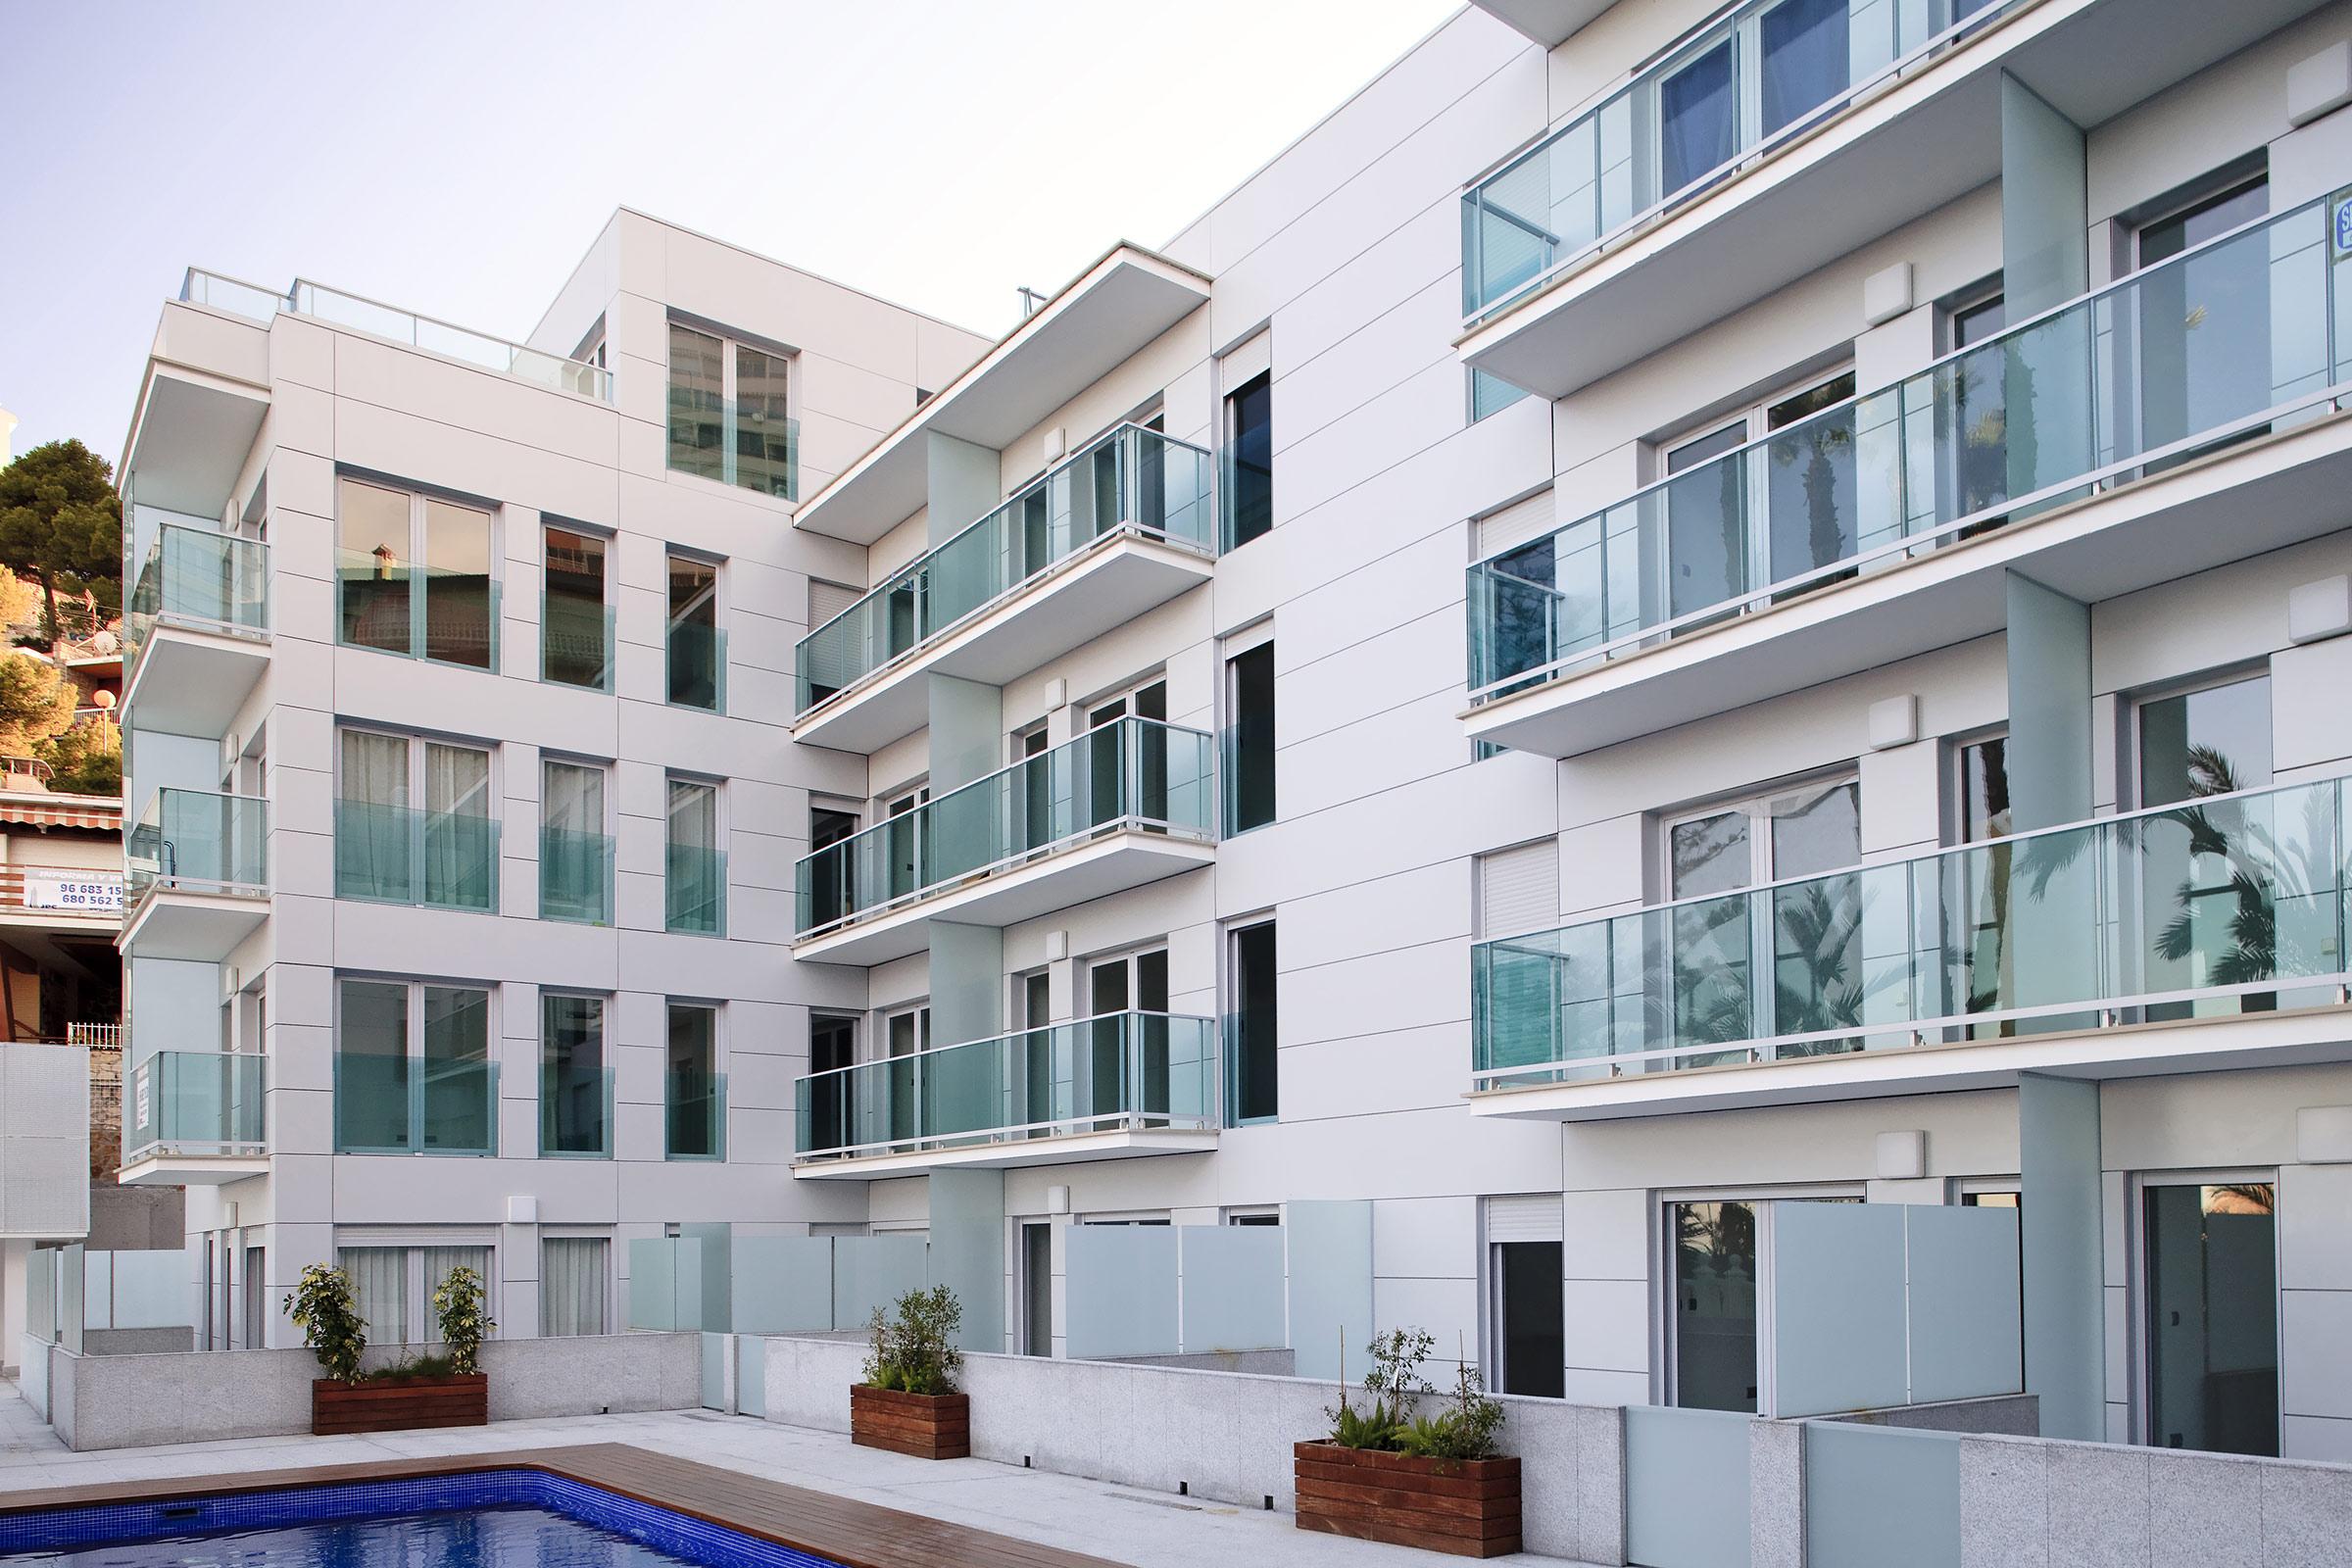 mirador-de-la-cala-edificio-residencial-STB-401